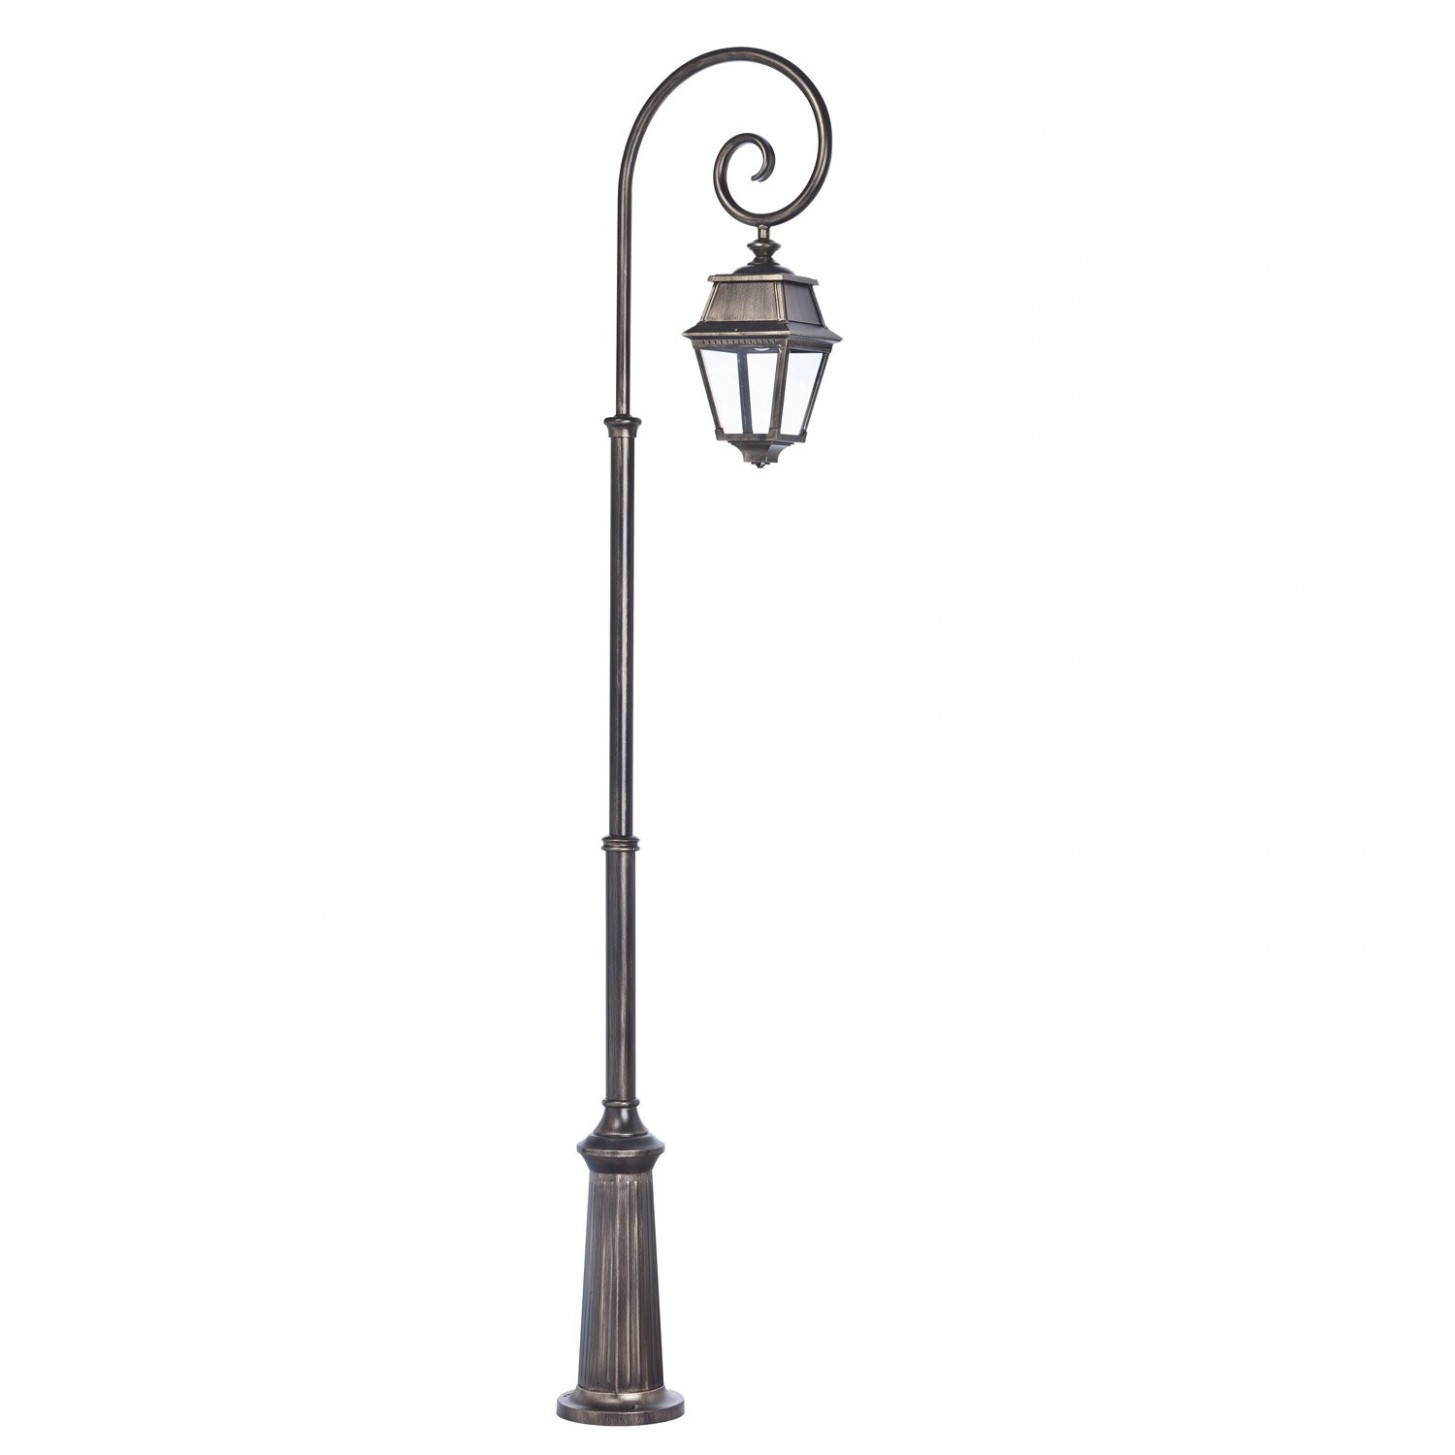 Luminaire De Jardin/lampadaire Extérieur/lanterne De Jardin ... concernant Lampadaire De Jardin Sur Pied